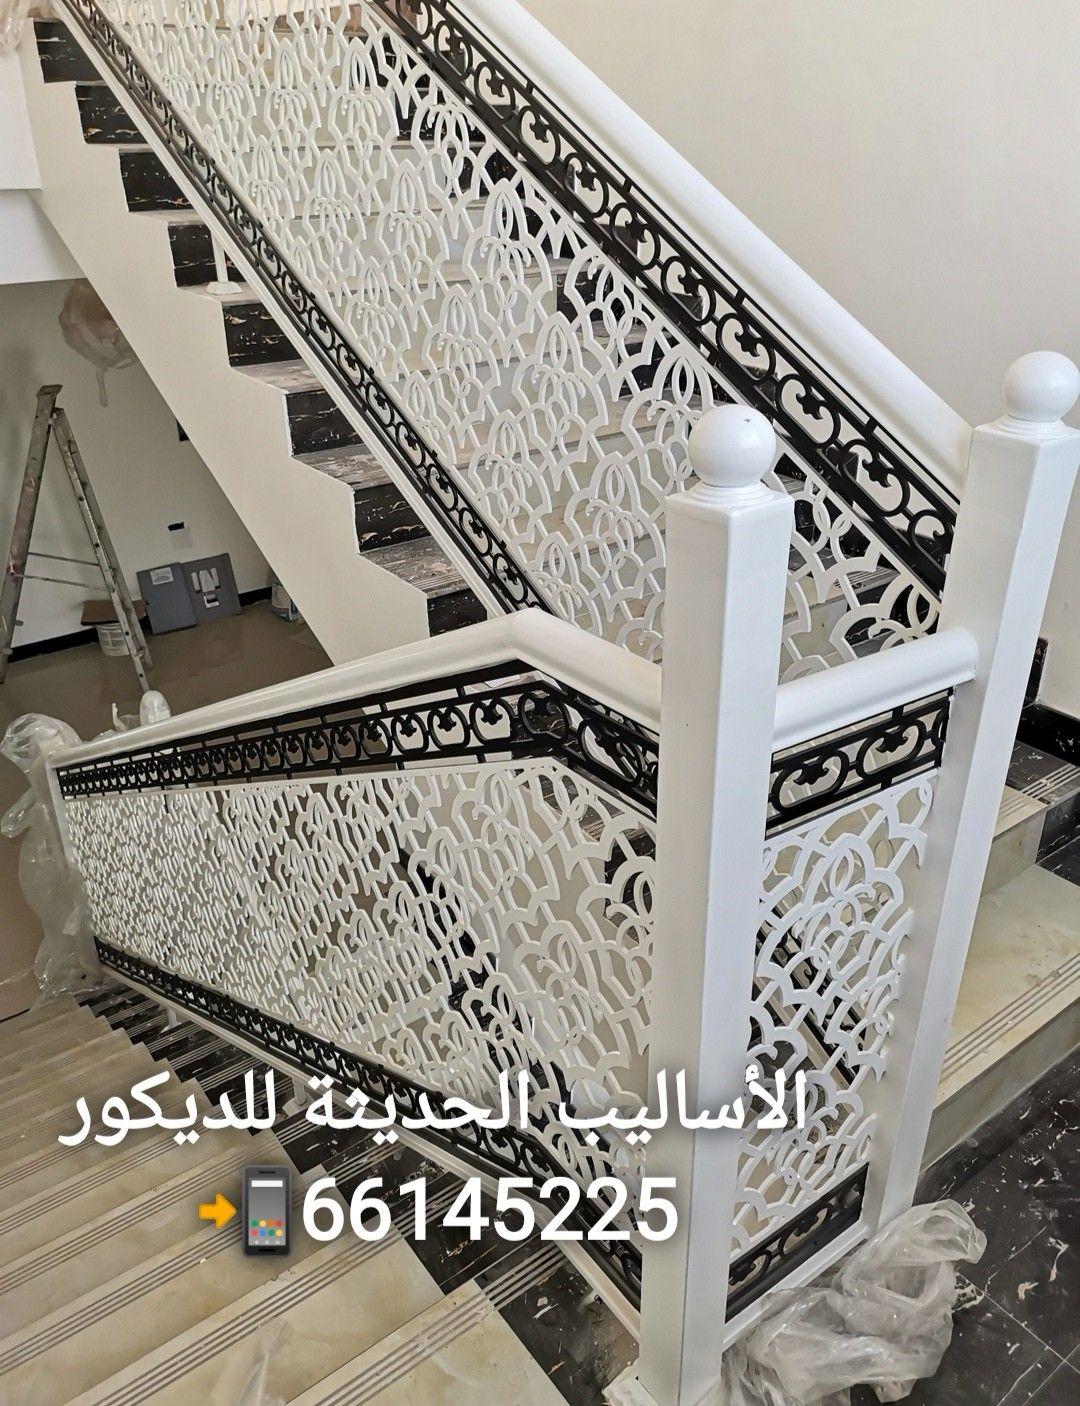 الاساليب الحديثةللديكور 66145225 In 2020 Stairs Home Decor Decor